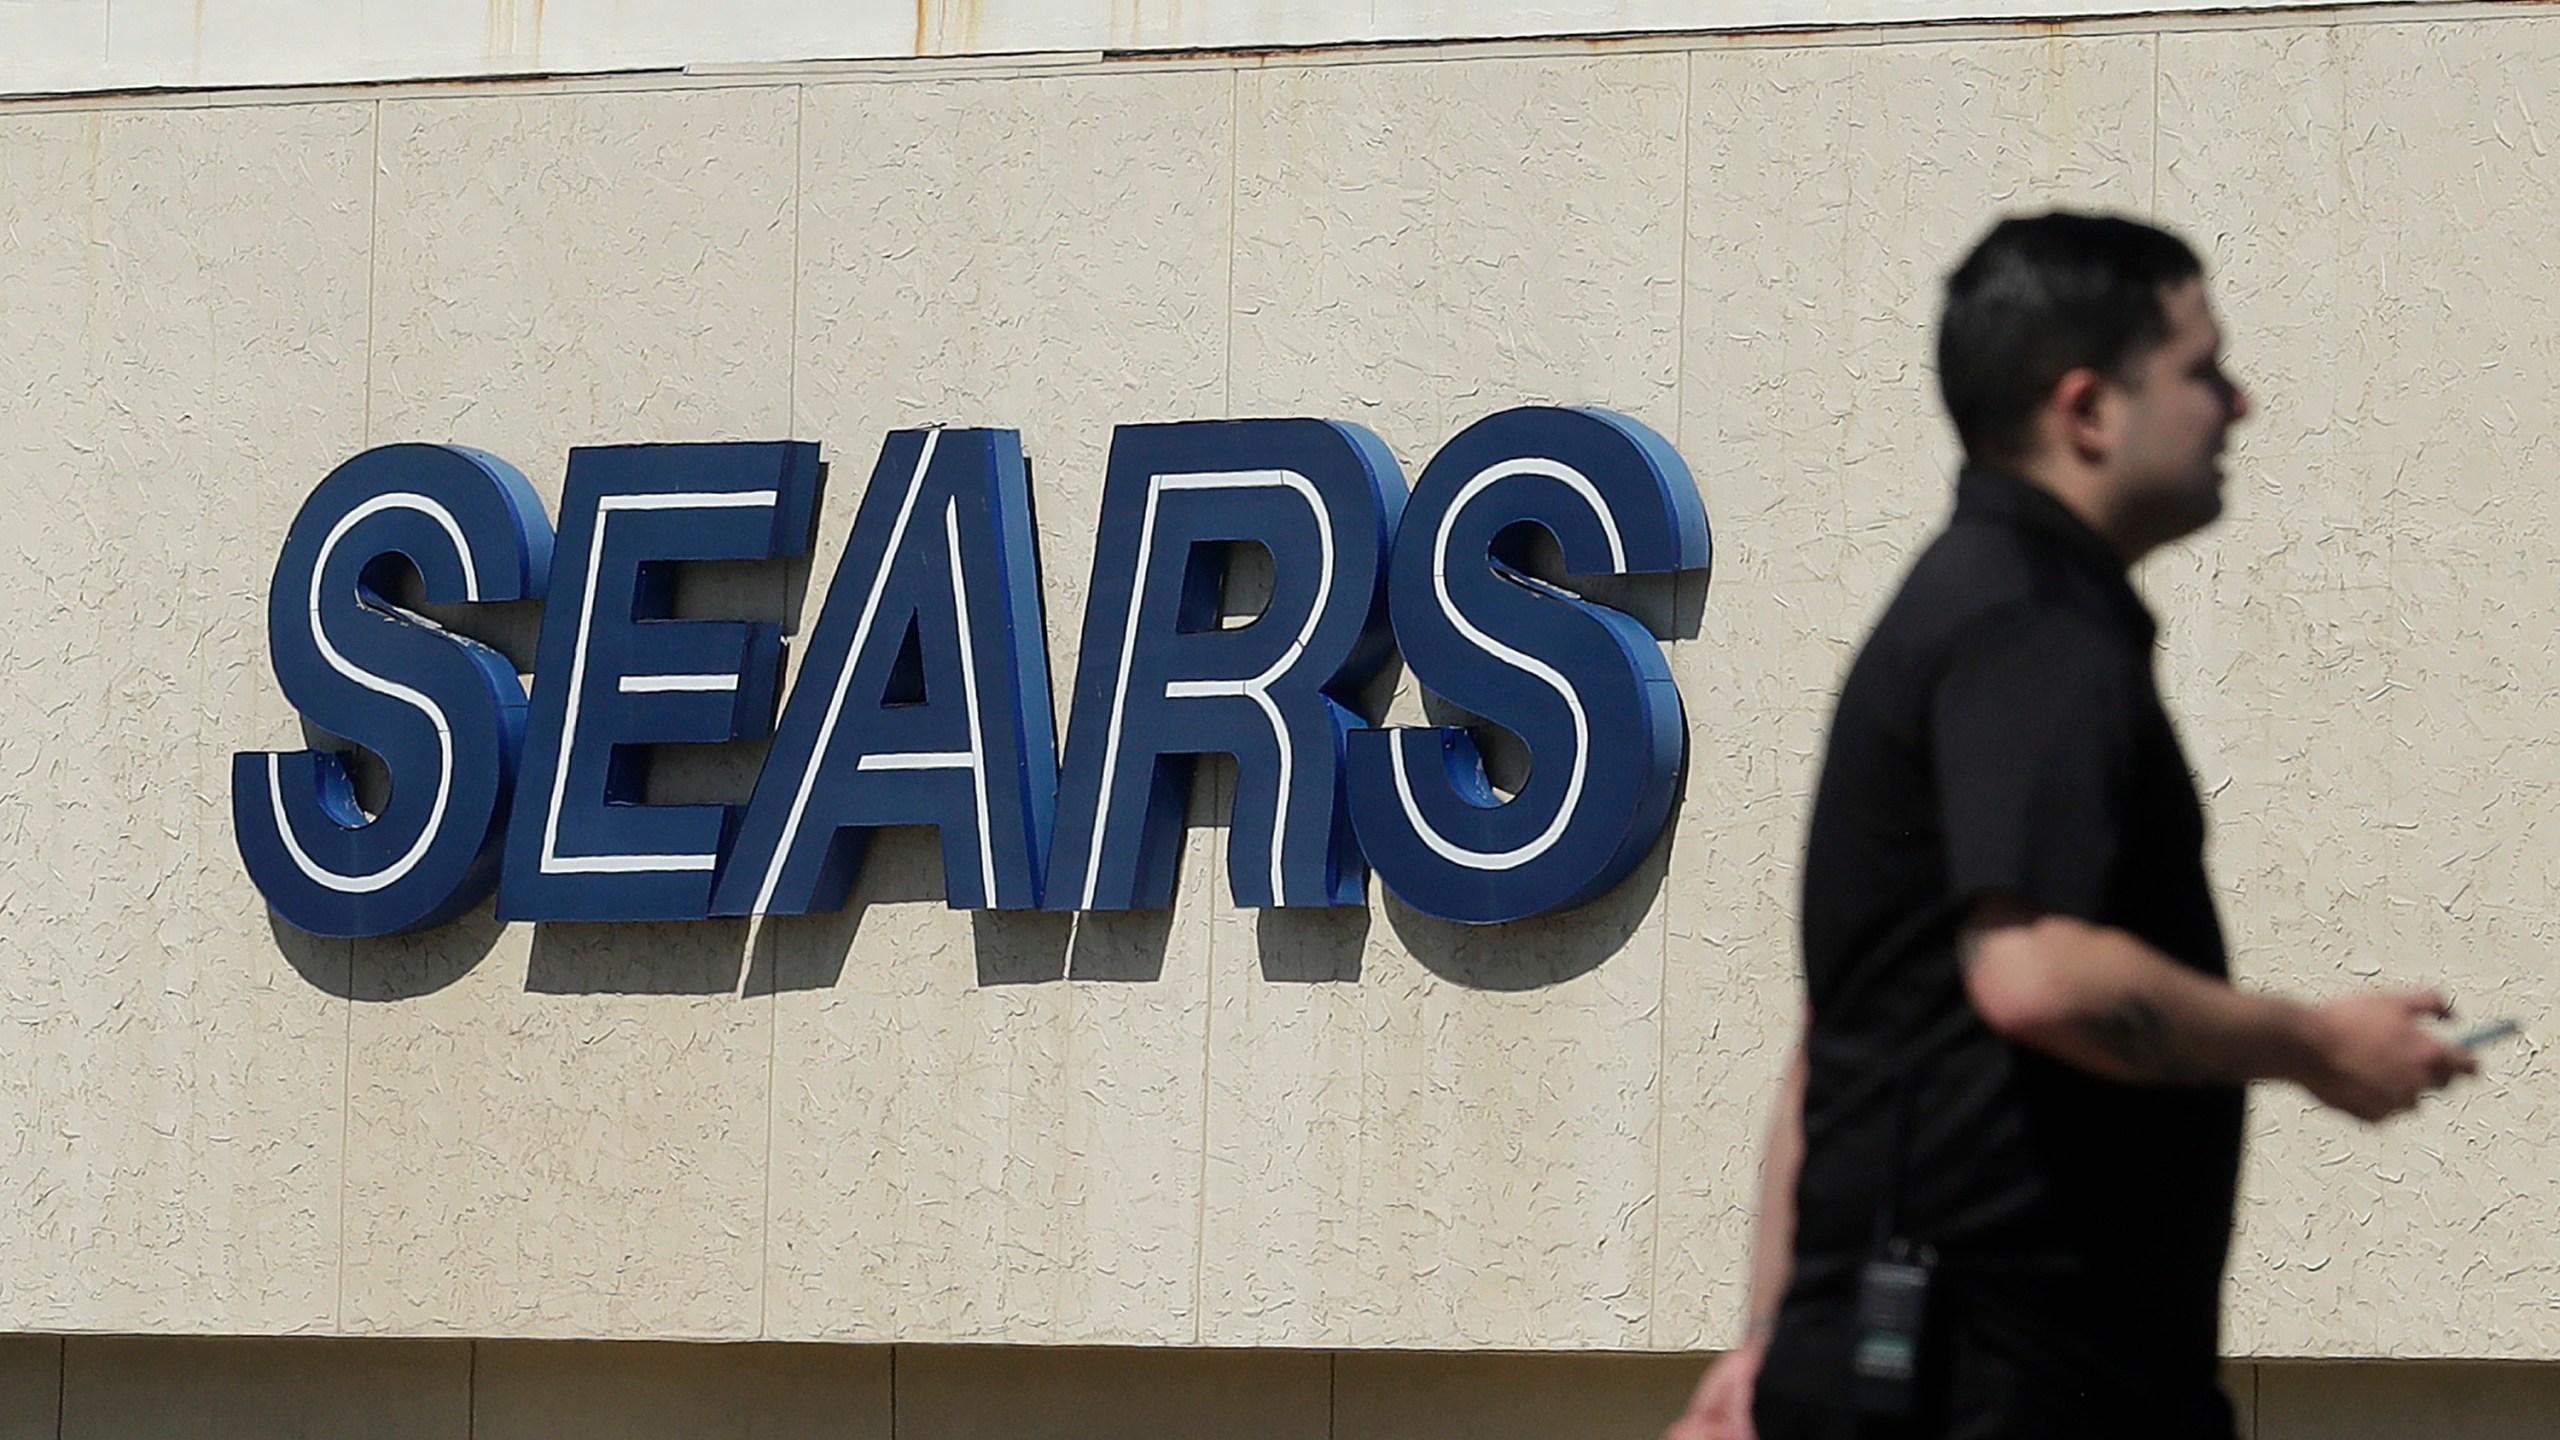 Sears_Sale_85084-159532.jpg66301666